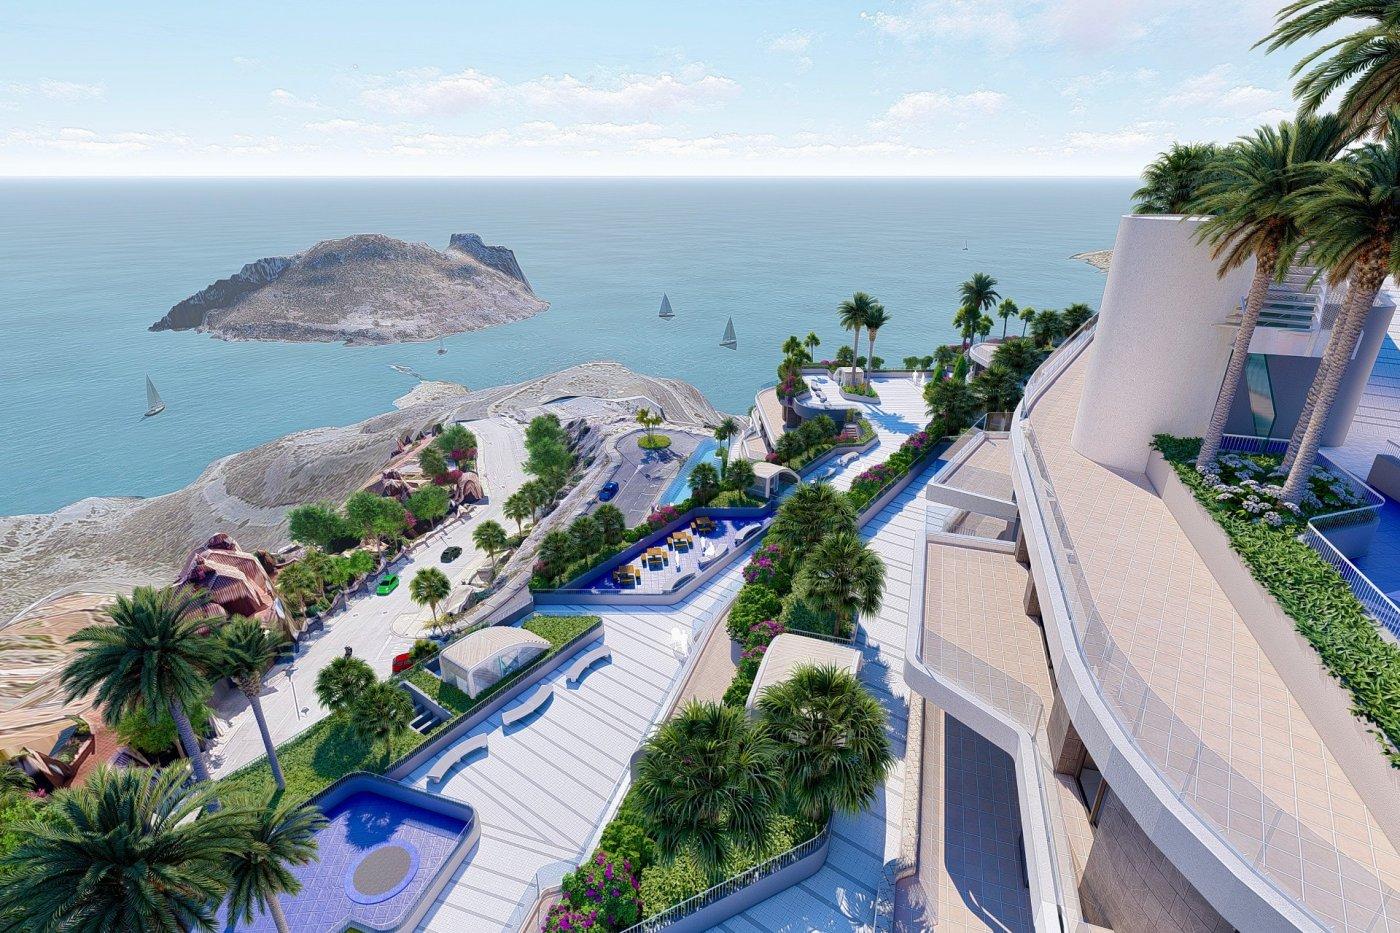 Galleribillede 20 of Lækker 3 vær luksus lejlighed med 2 badevær og panorama udsigt - sydvest vendt 20 m2 terrasse